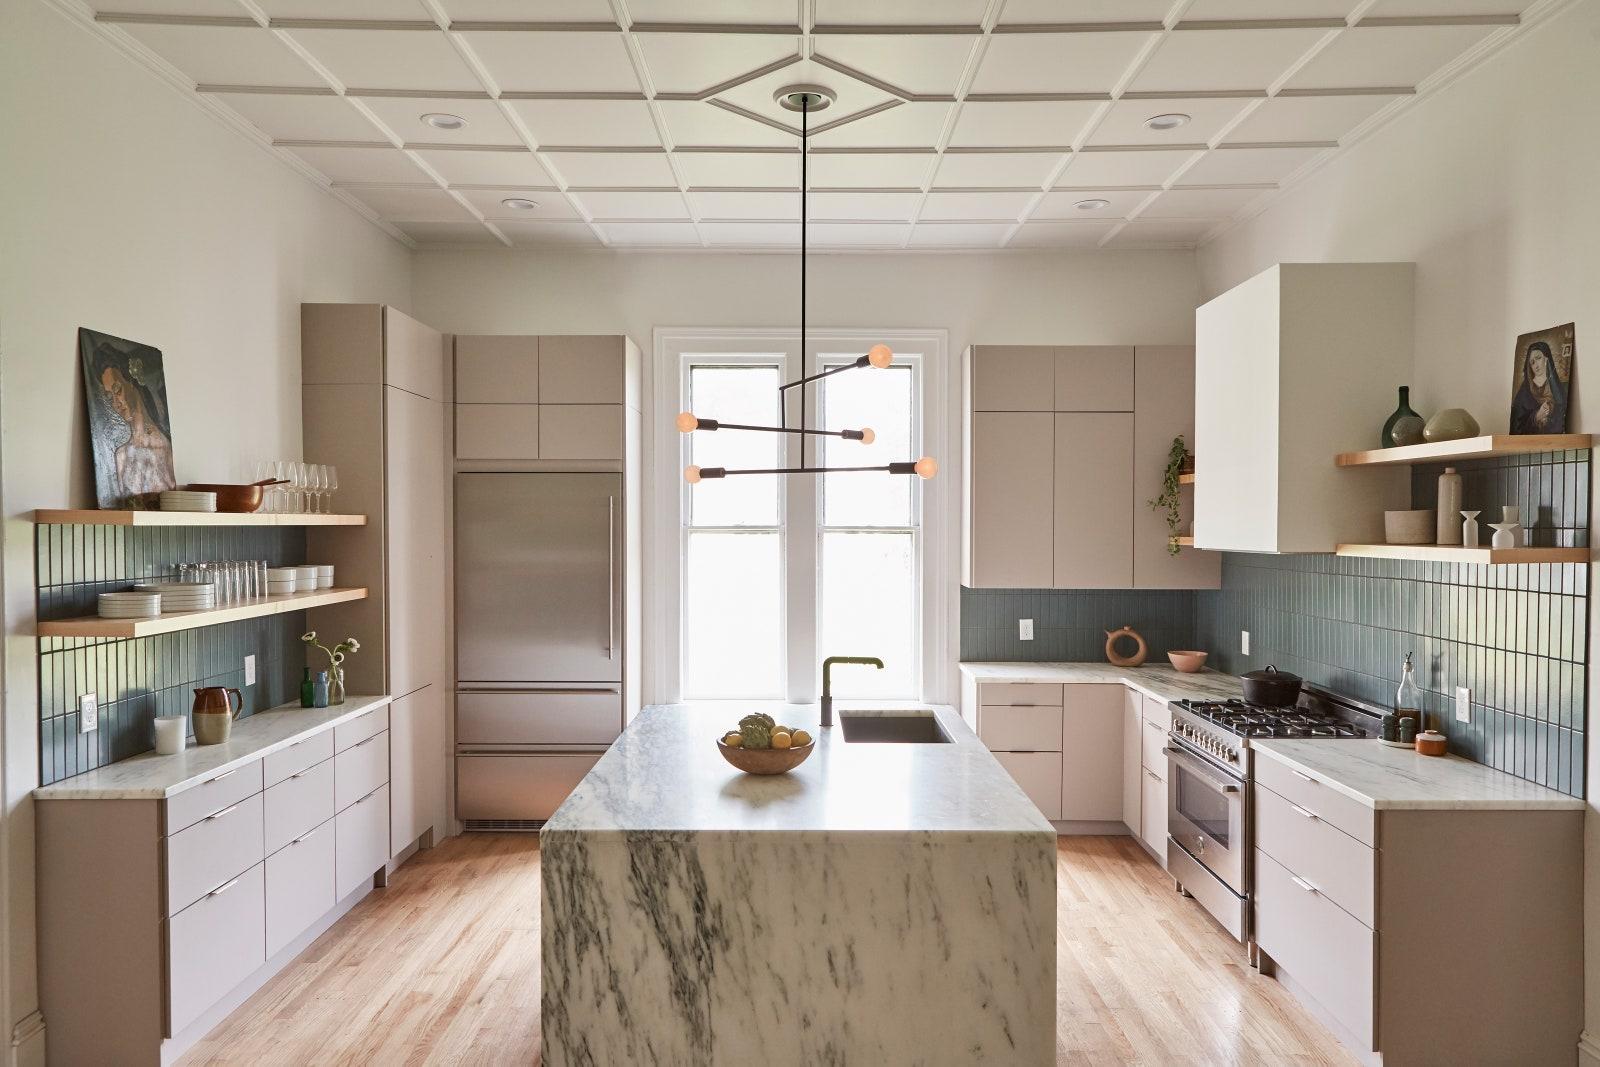 Giữ cho quầy bếp sạch sẽ: Nếu bạn có quá nhiều đồ trang trí trên mặt bàn, chúng sẽ khiến nhà bếp trông lộn xộn. Và, nếu đó không phải là thứ bạn sử dụng hàng ngày thì một chiếc tủ hay hộc tủ không phải sẽ tốt hơn.